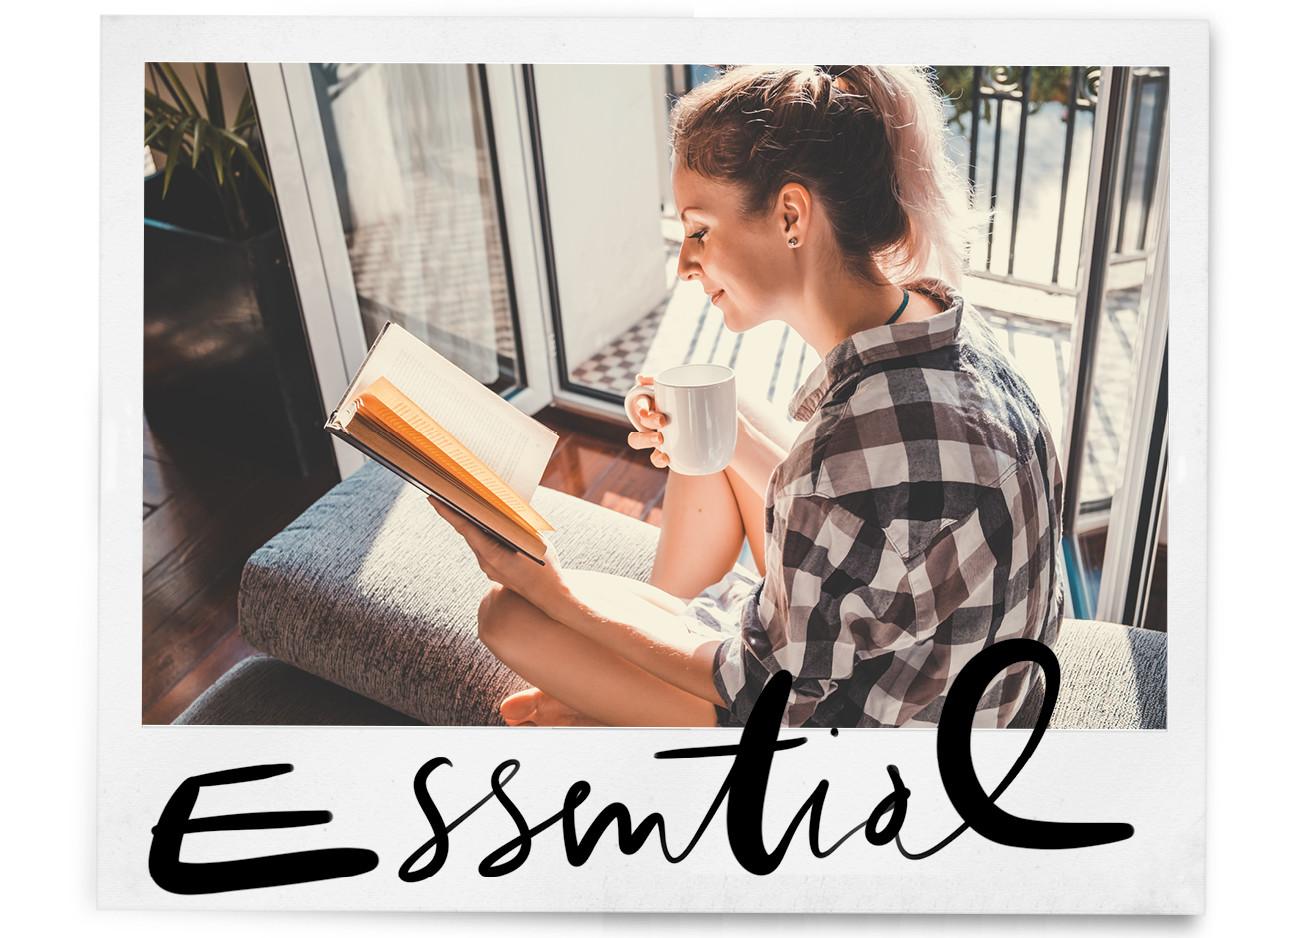 een meisje dta op een bank zit voor het raam ze draagt een ruit blouse en drinkt uit een witte mok, ze leest een boek